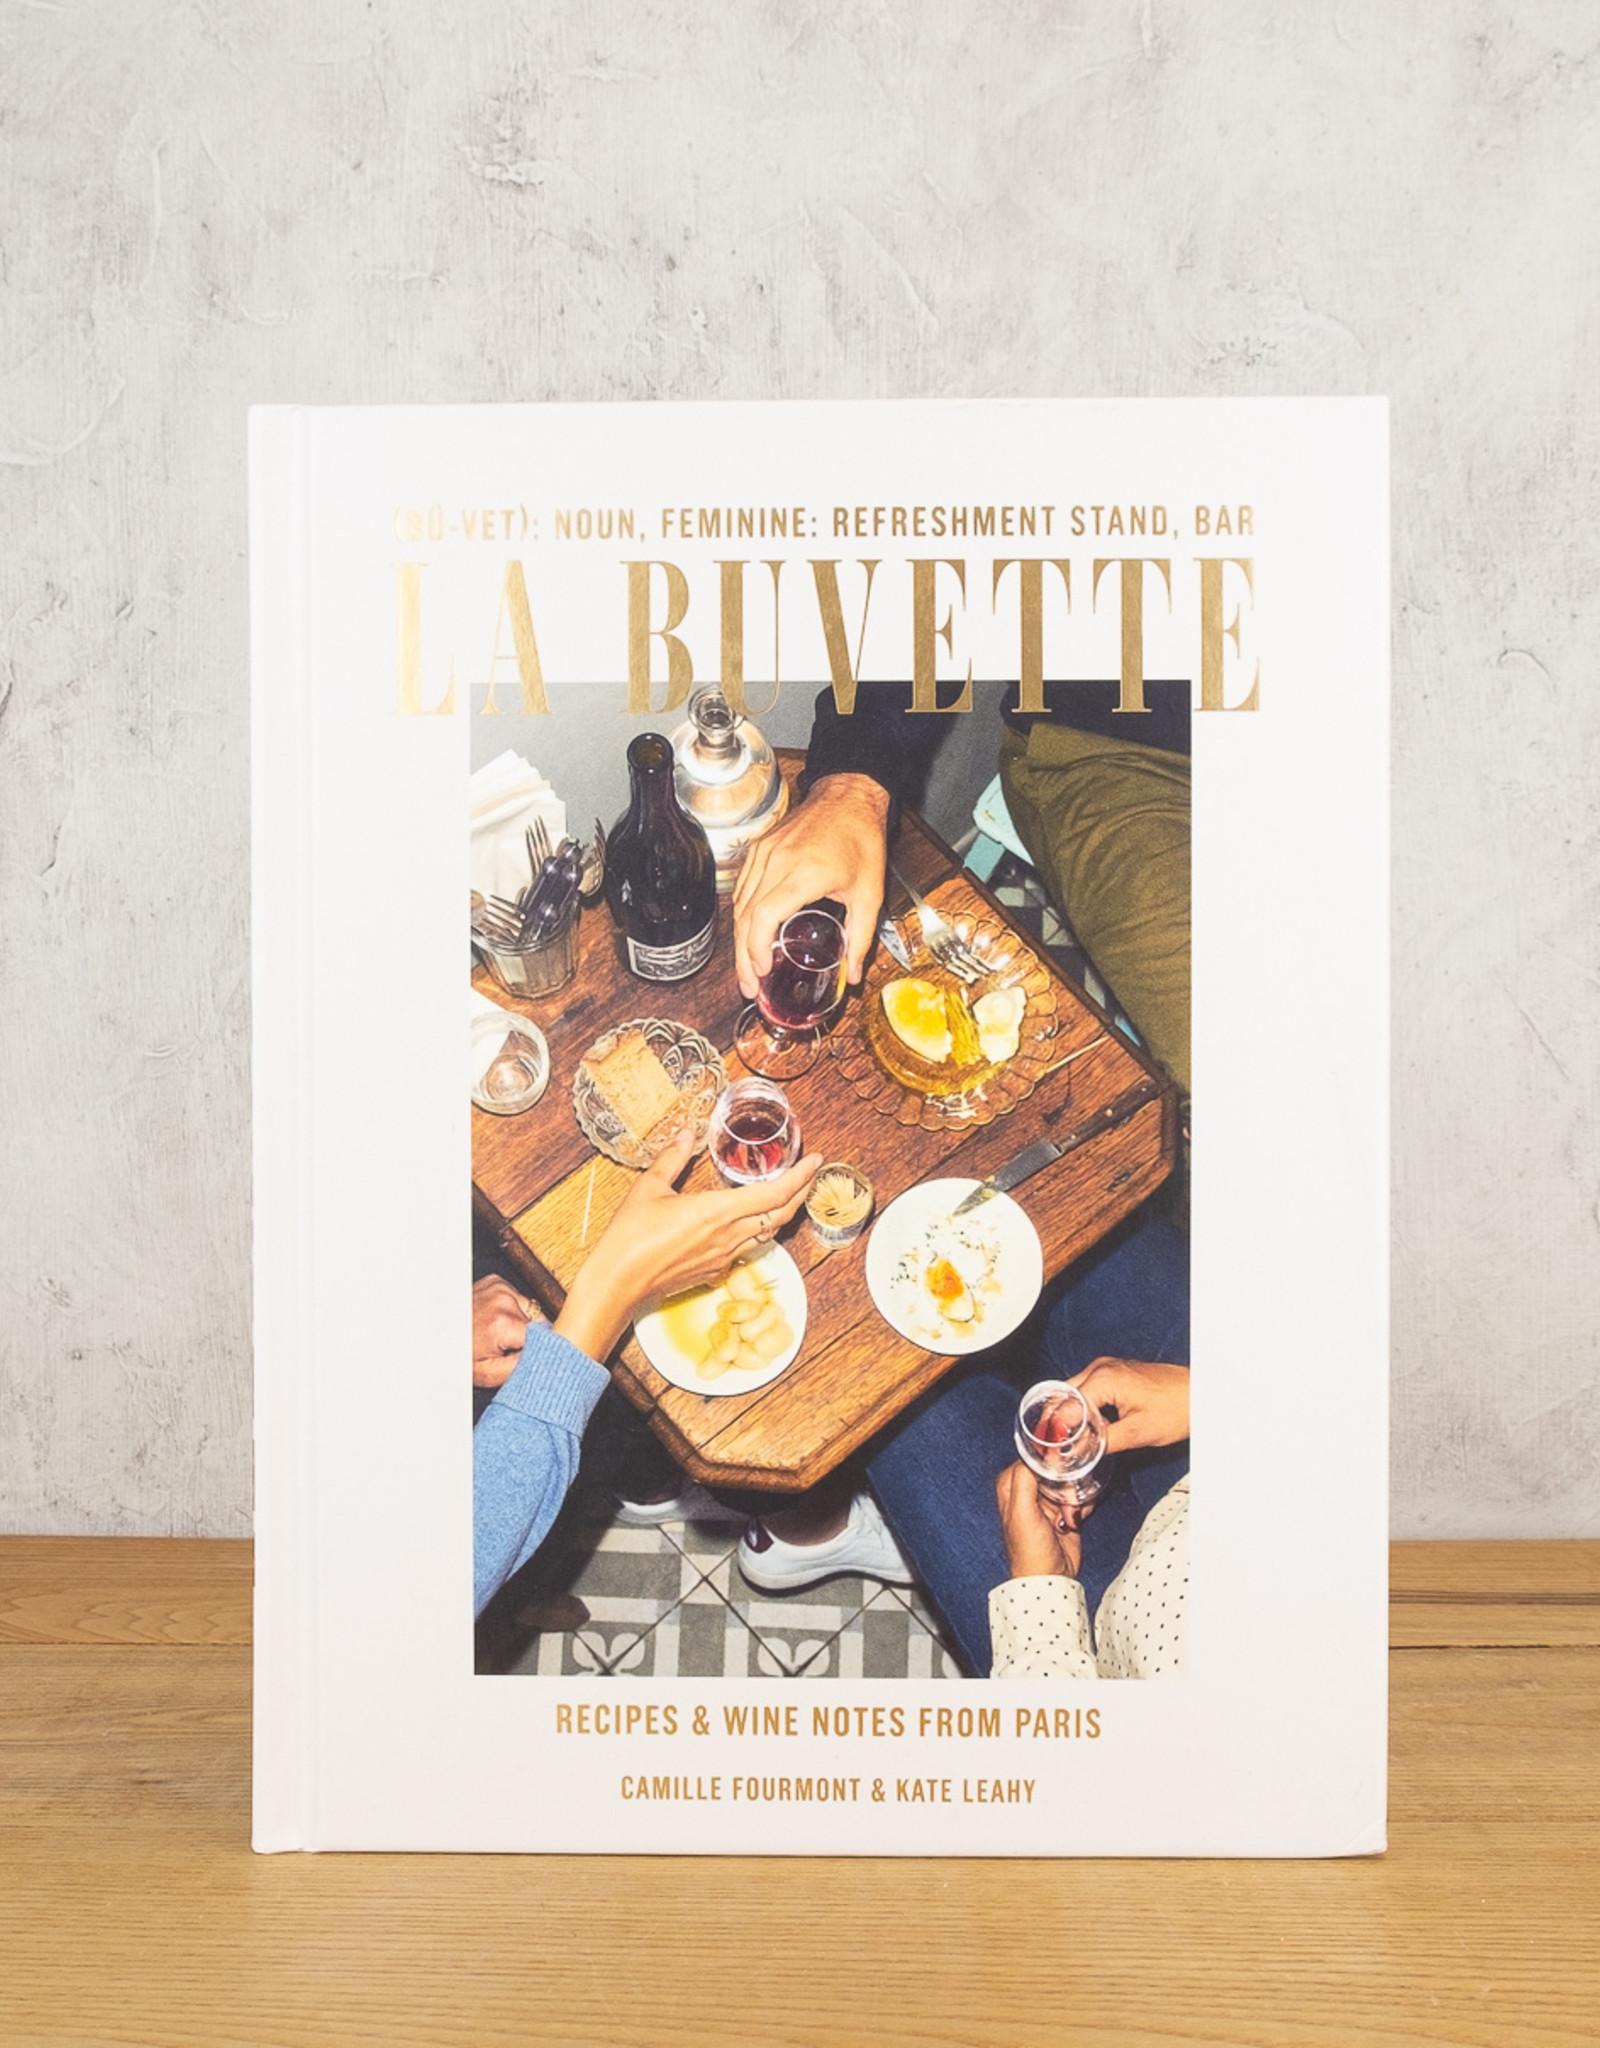 La Buvette Recipes & Wine Notes from Paris